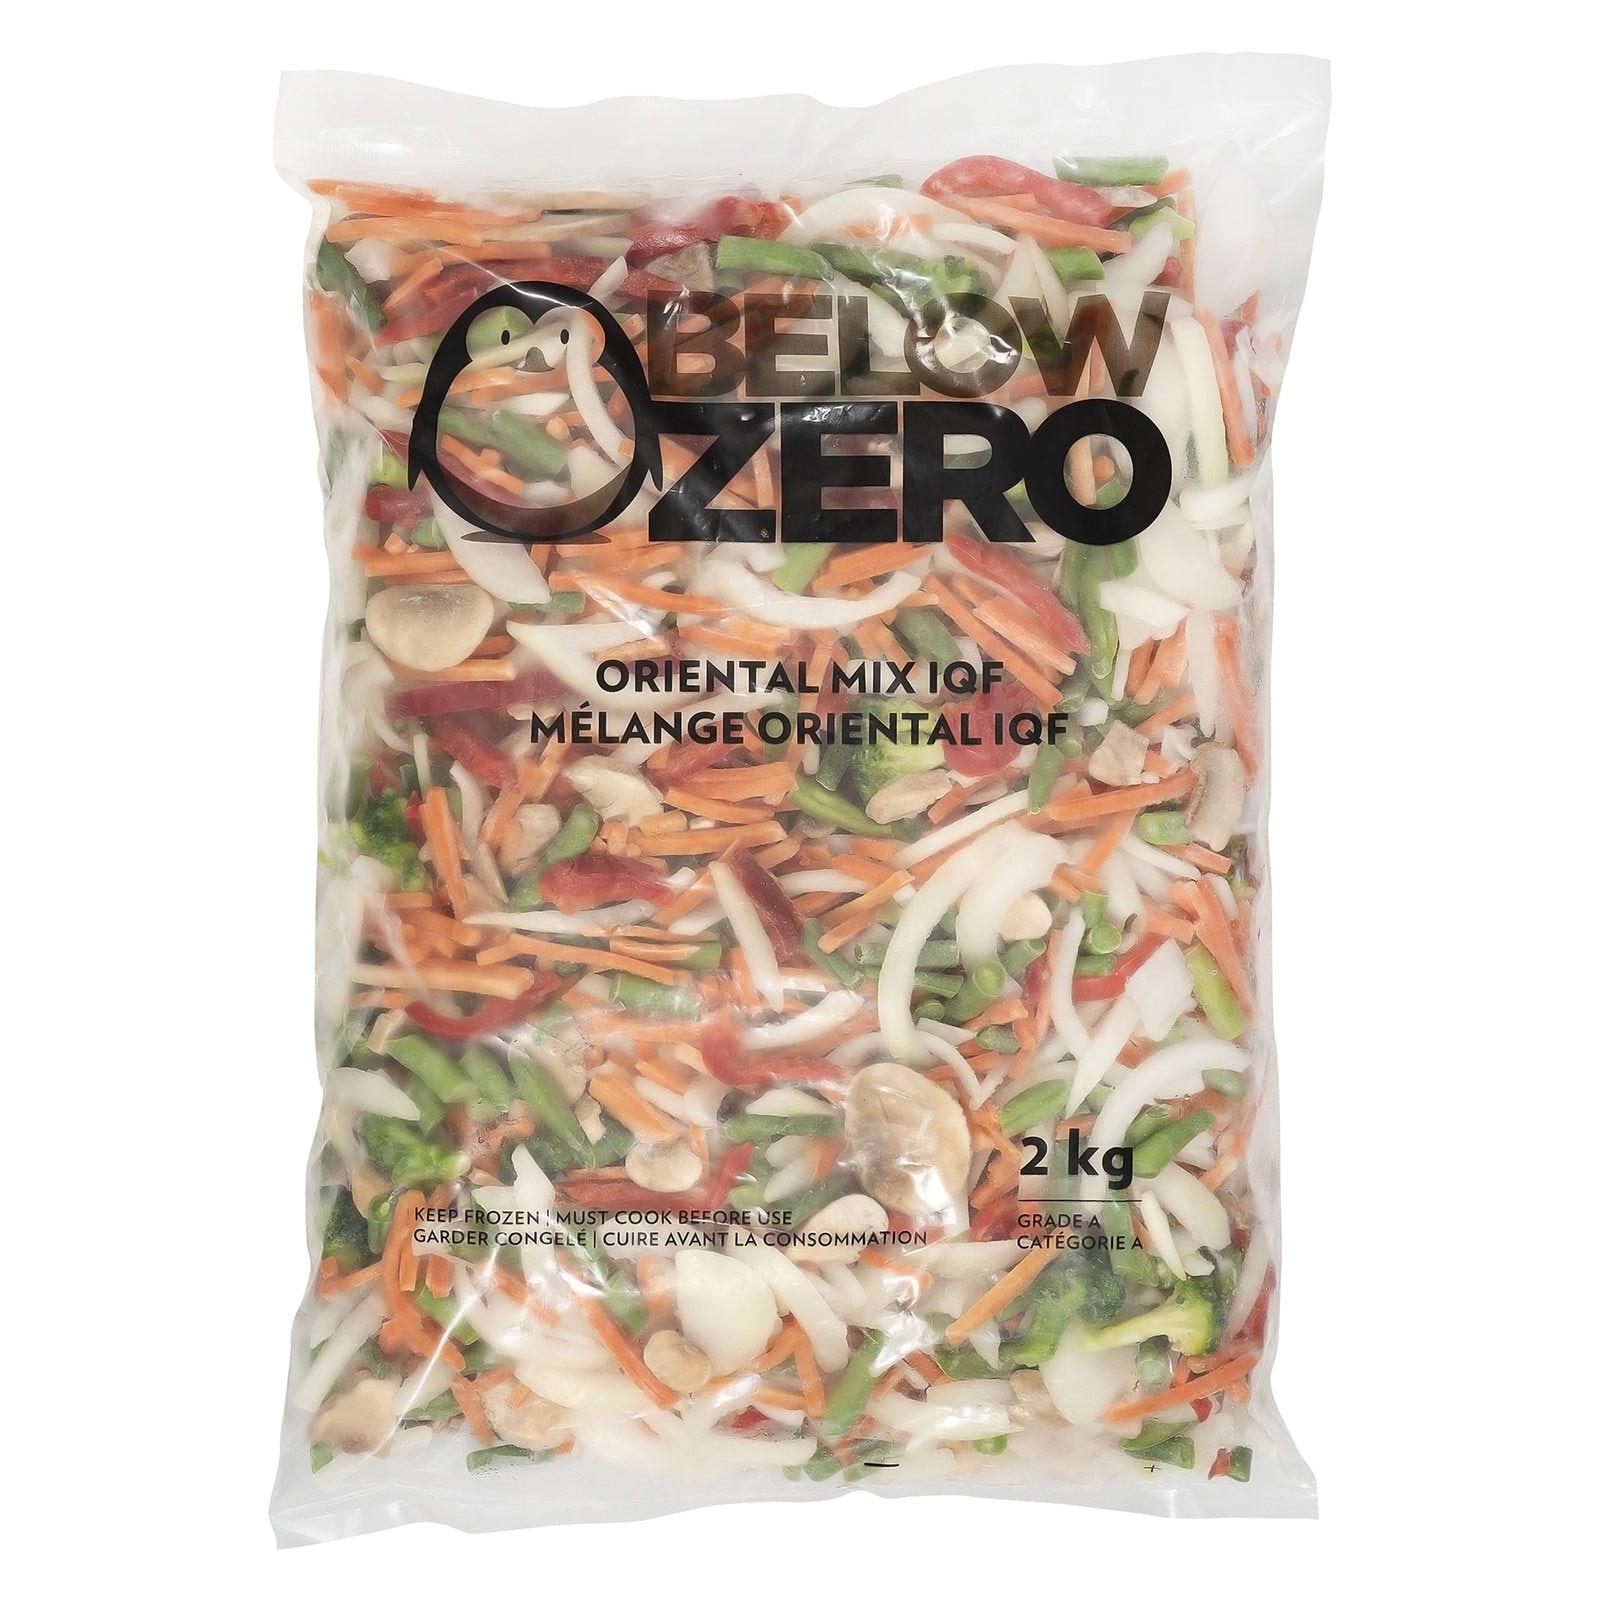 BELOW ZERO Oriental mixed vegetables